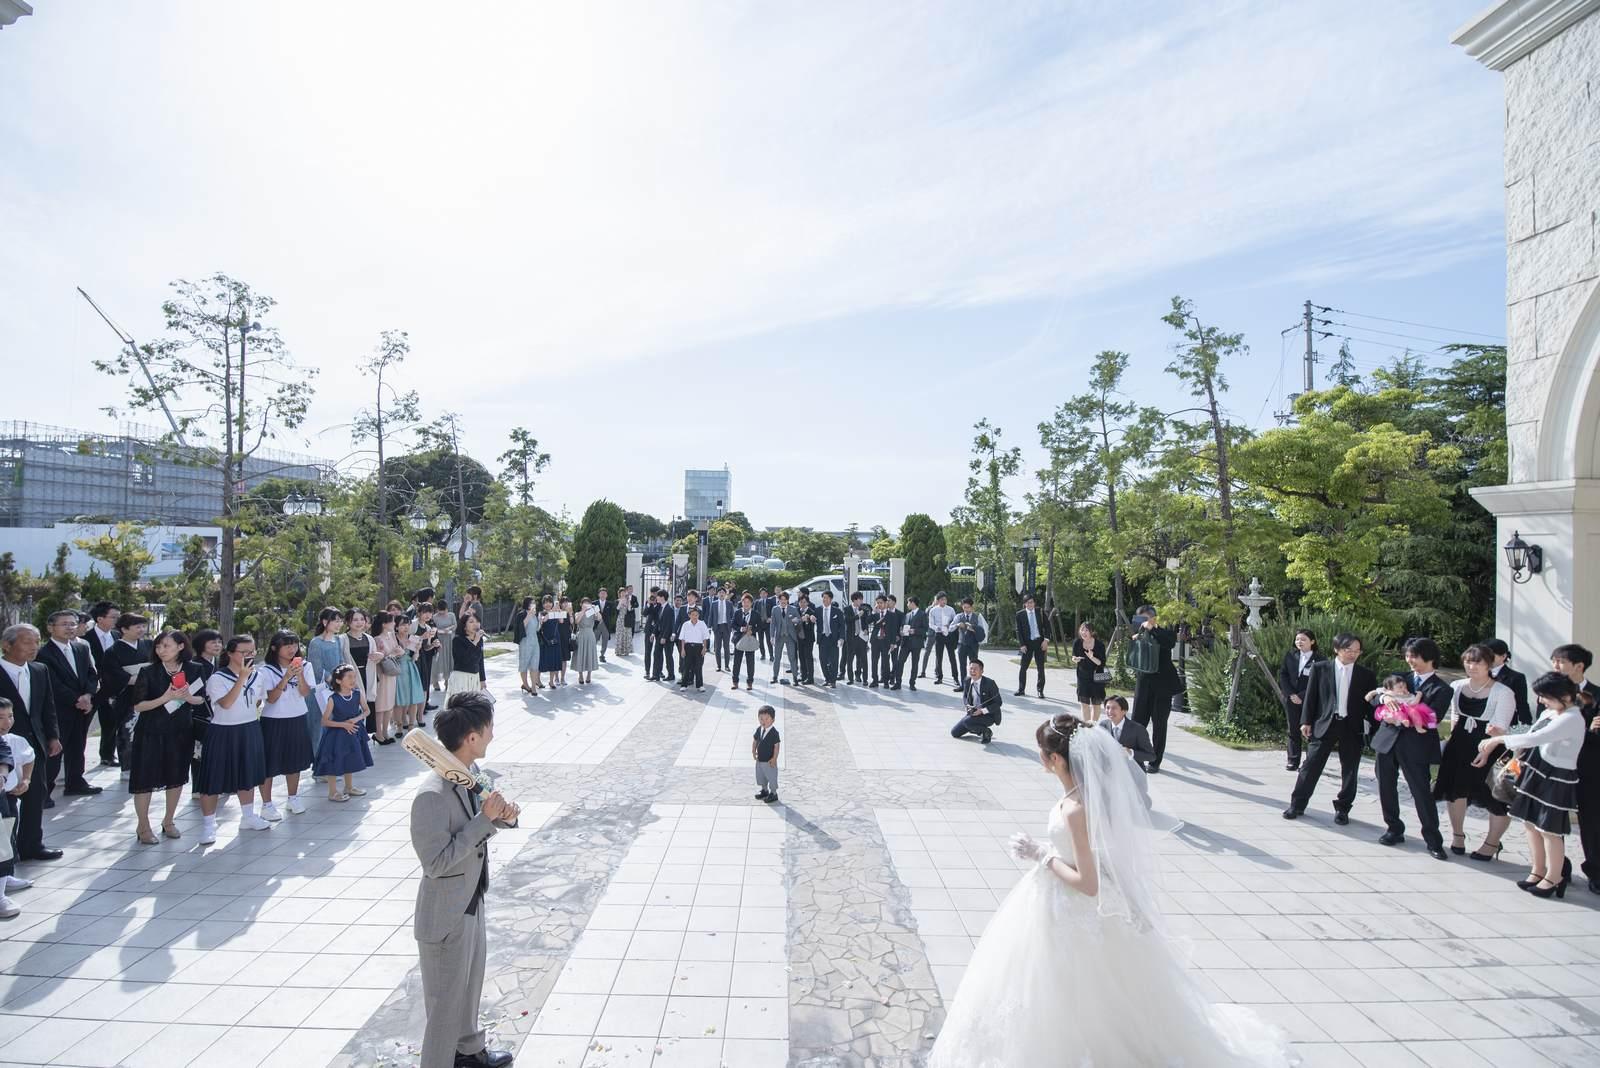 香川県の結婚式場シェルエメール&アイスタイル 野球ボールトス